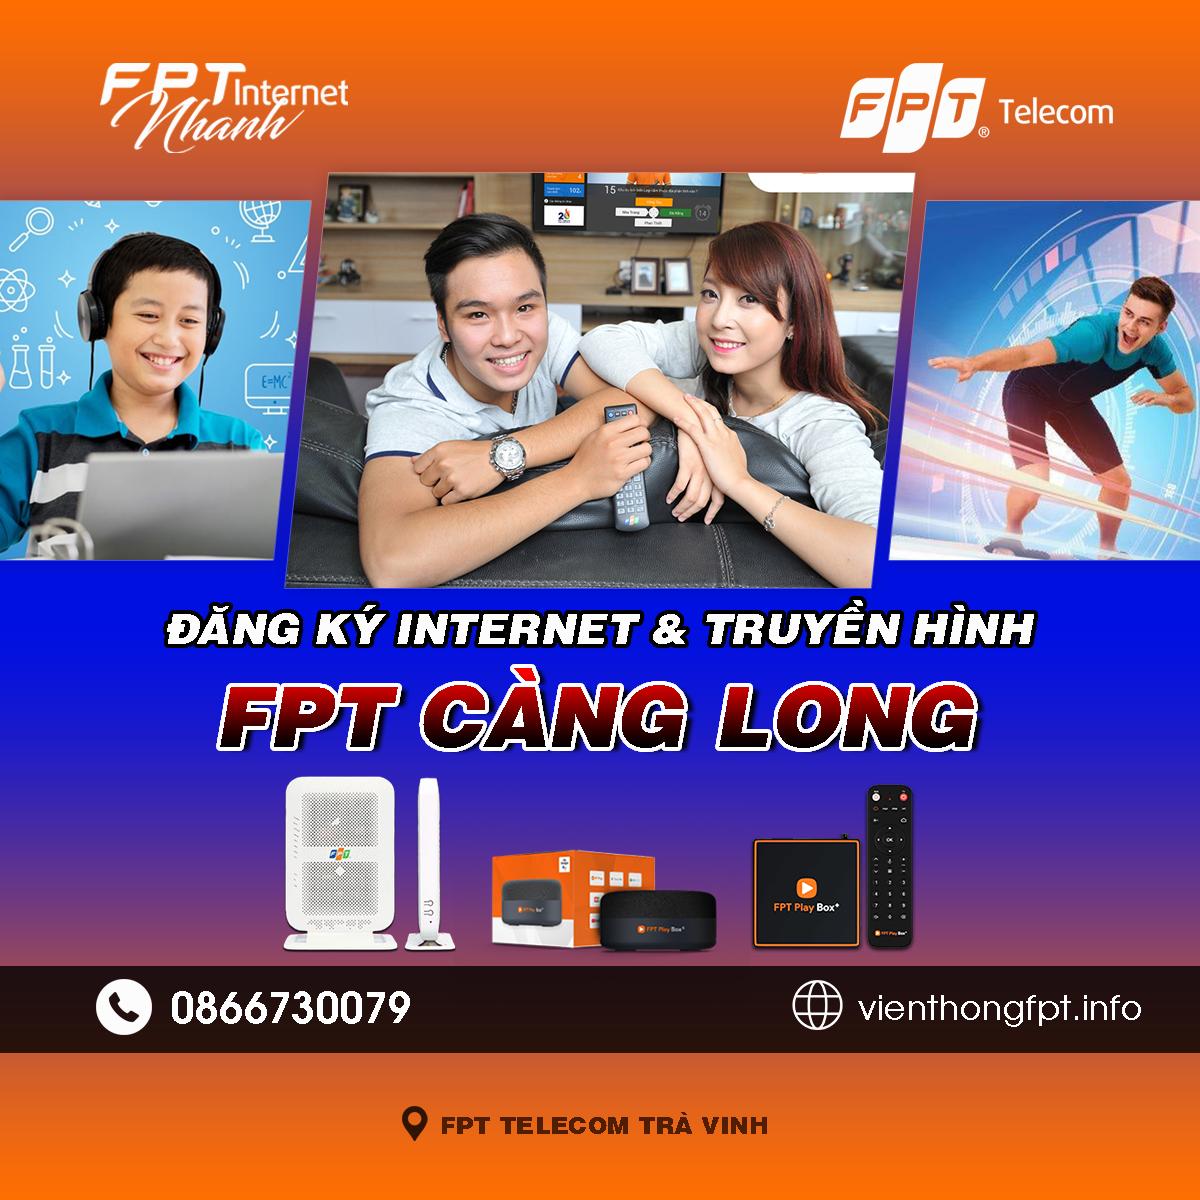 Tổng đài FPT Càng Long - Đơn vị lắp mạng Internet và Truyền hình FPT